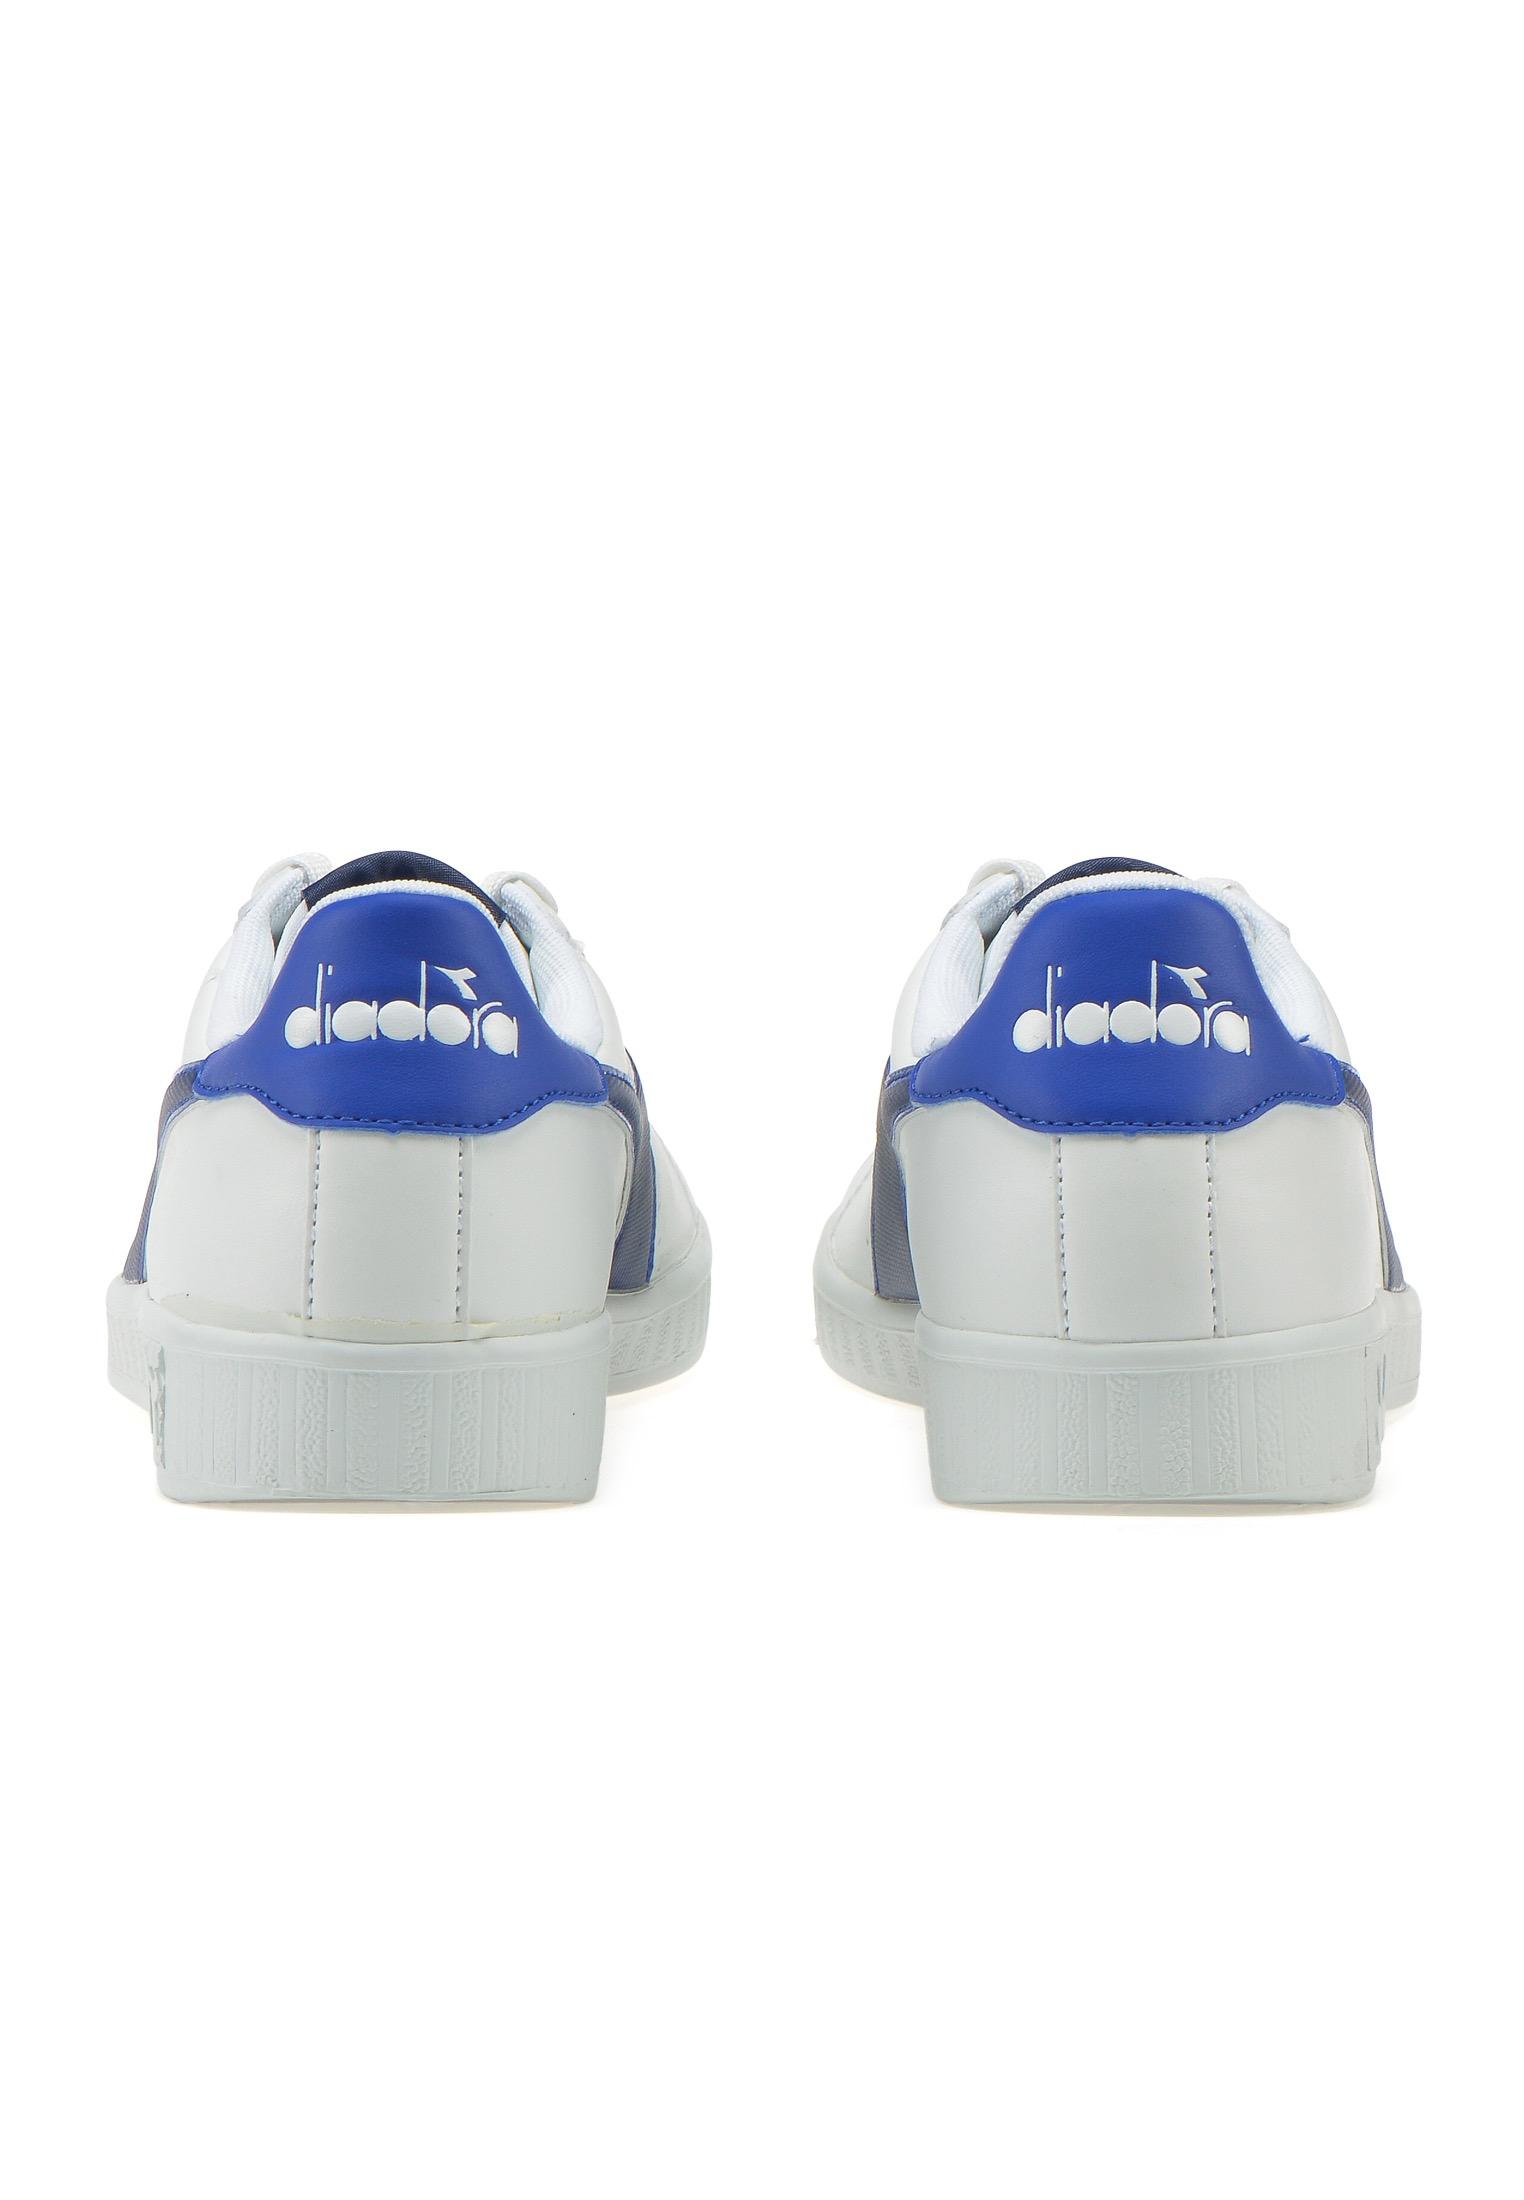 Diadora-Scarpe-Sportive-GAME-P-per-uomo-e-donna miniatura 44